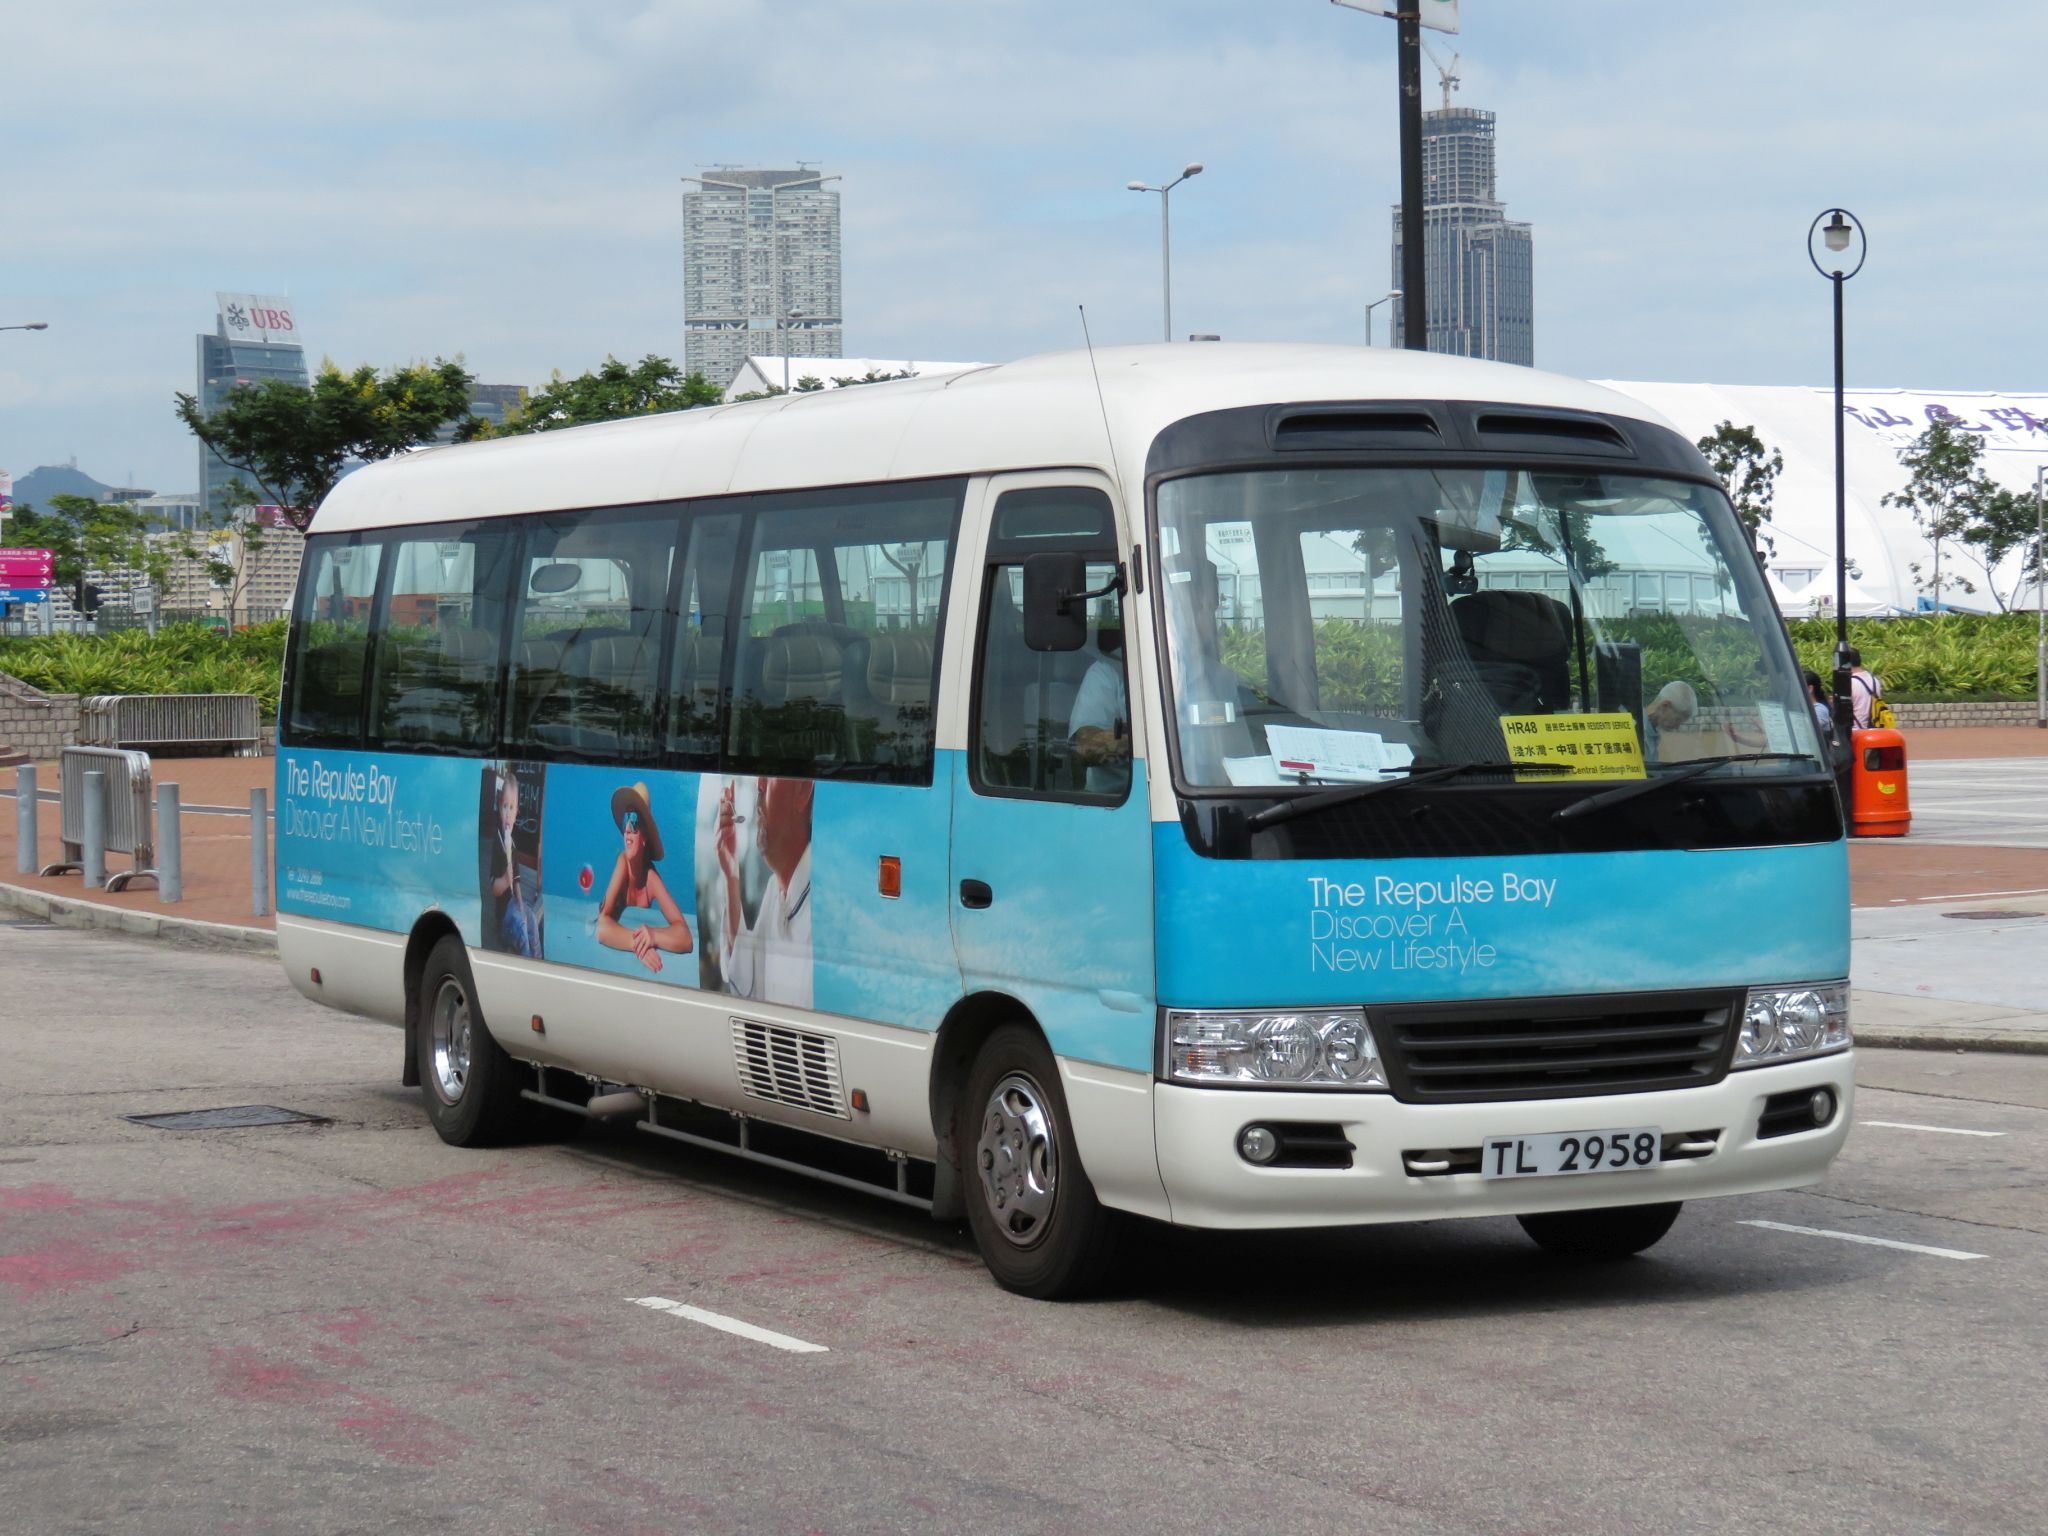 居民巴士HR48線